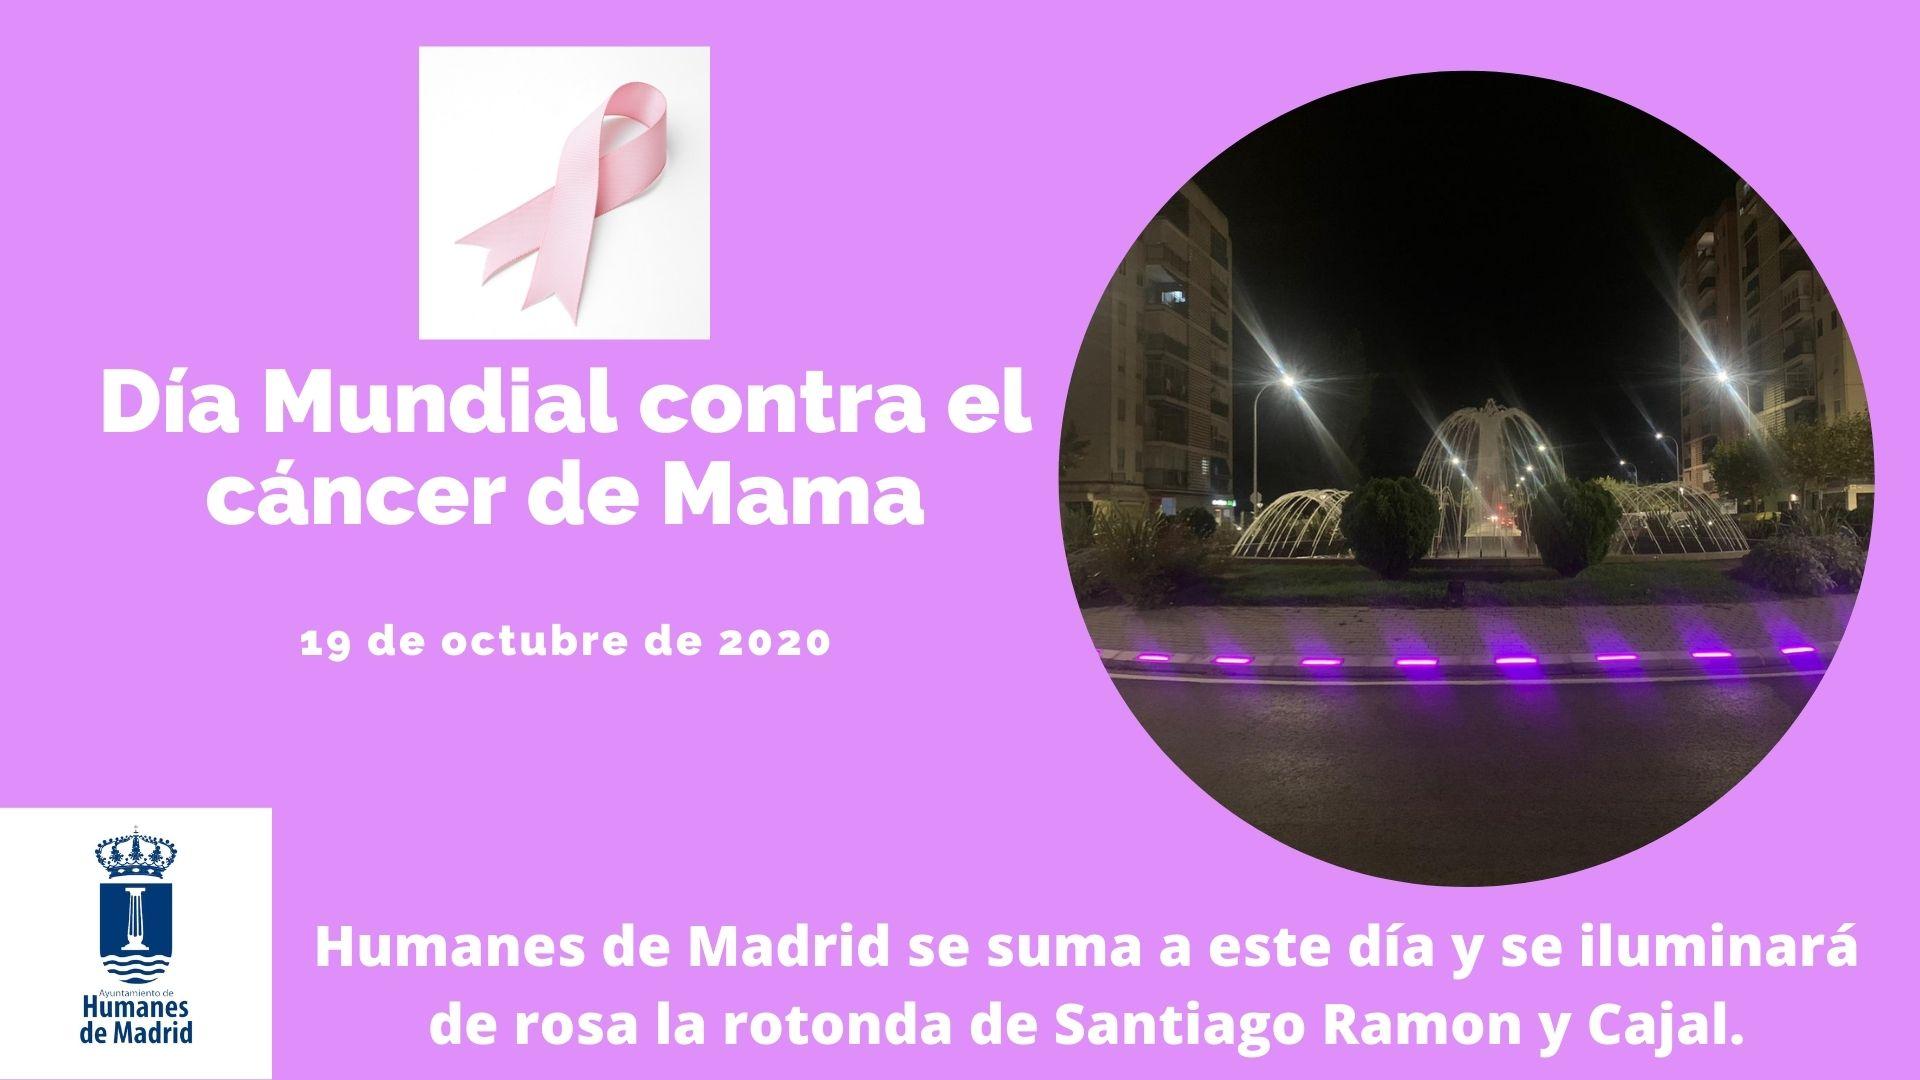 Humanes de Madrid se suma al día Mundial contra el cáncer de mama.